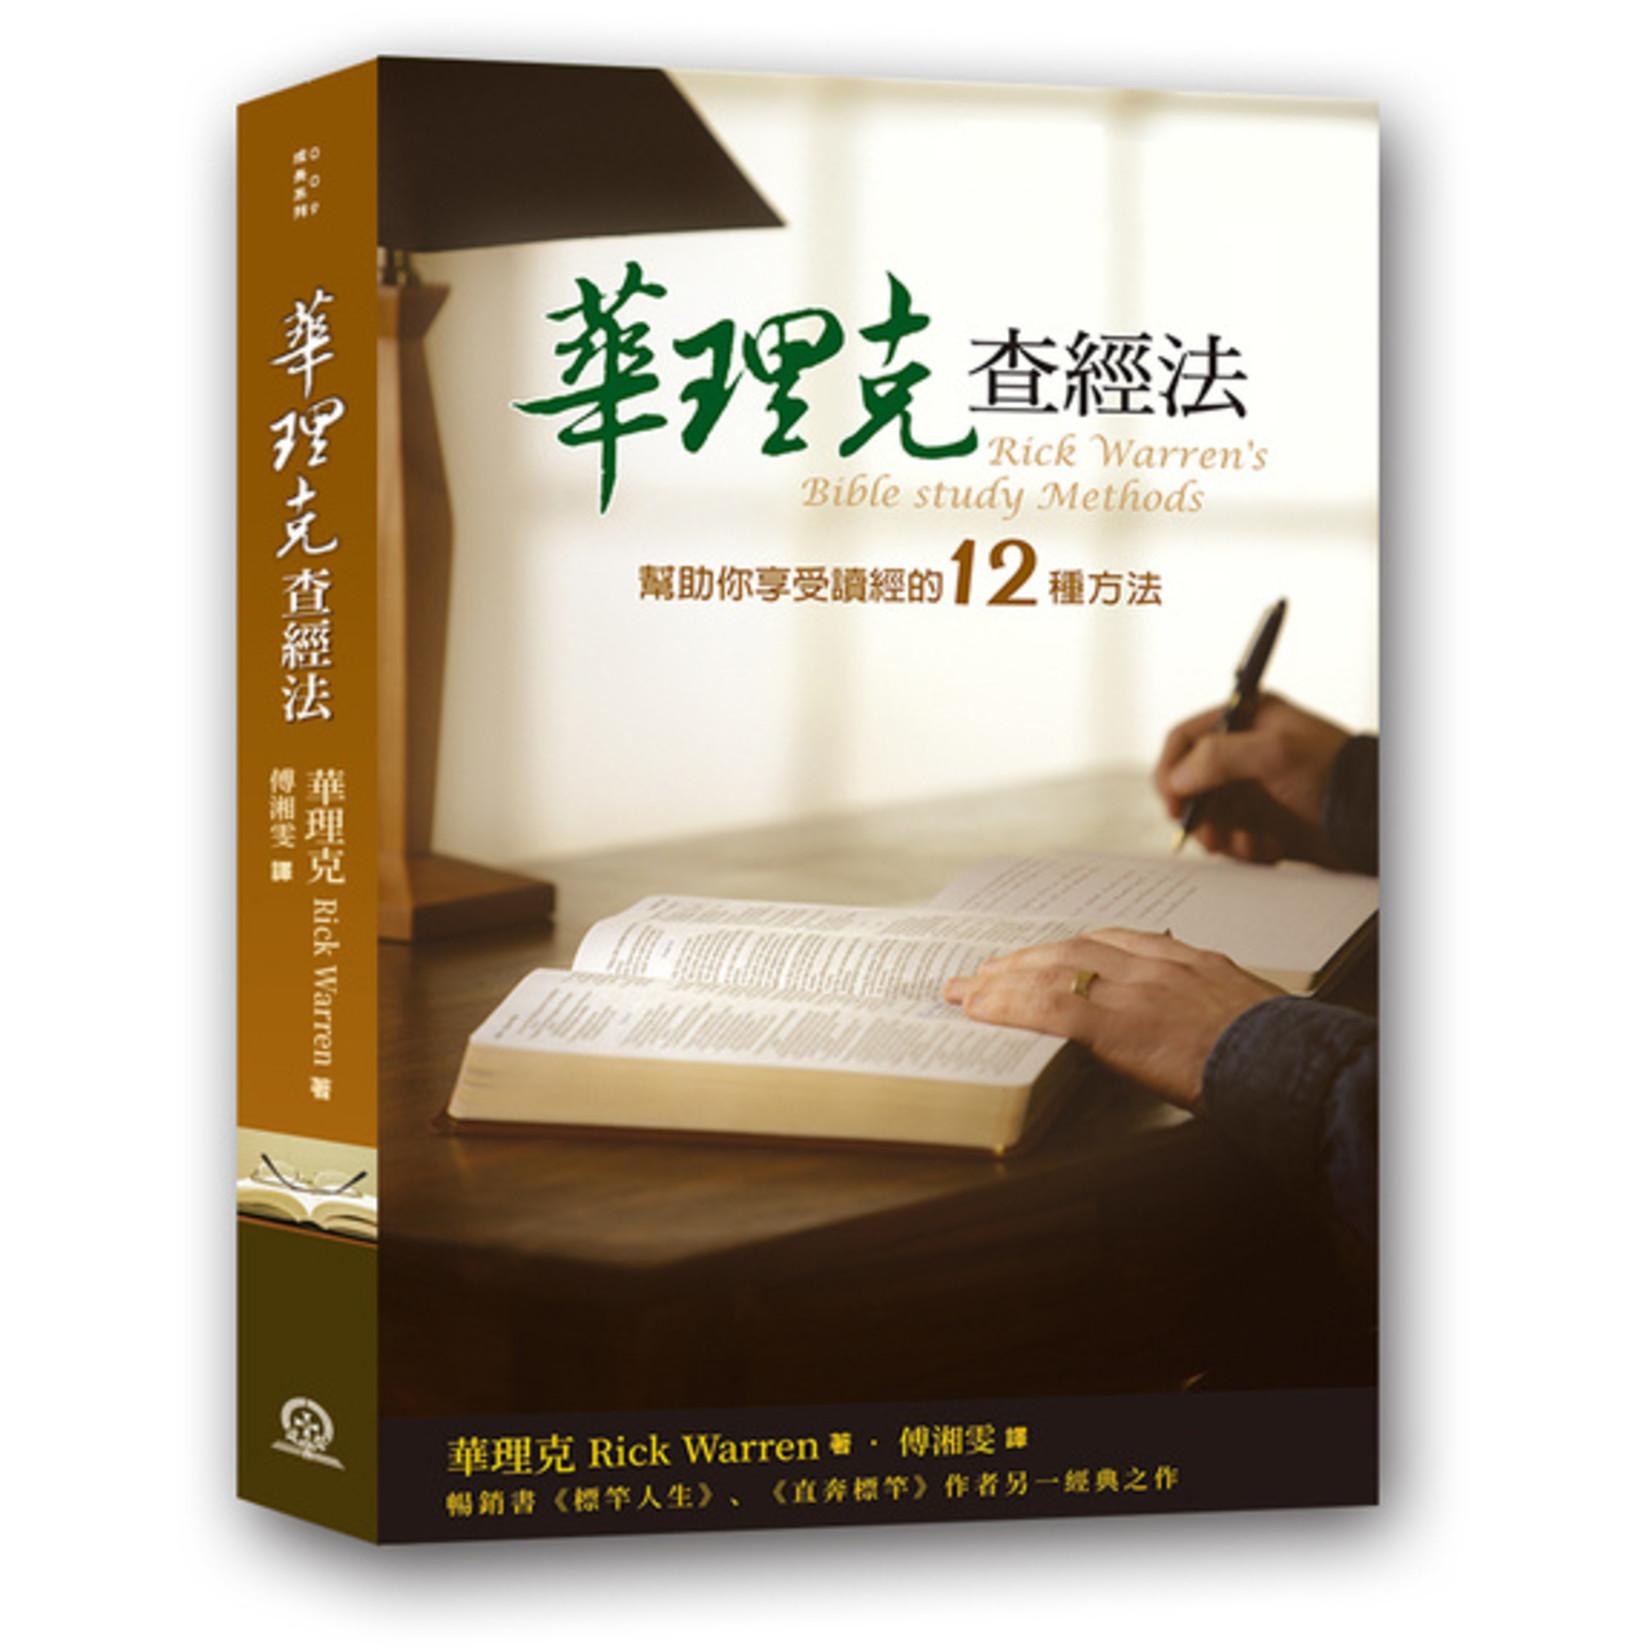 道聲 Taosheng Taiwan 華理克查經法:幫助你享受讀經的12種方法 Rick Warren's Bible Study Methods